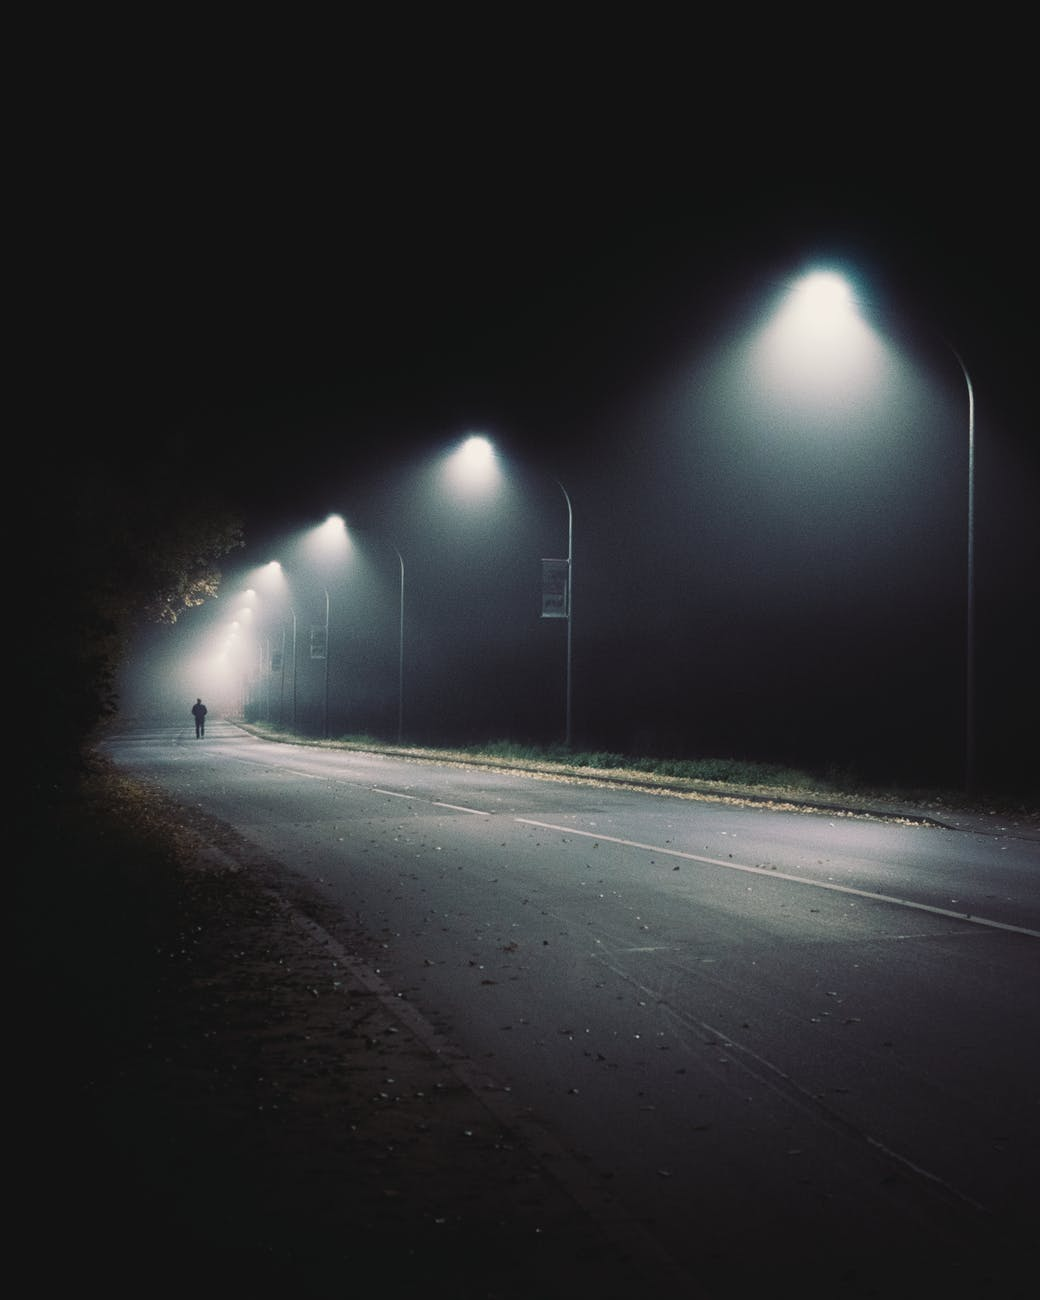 man walking on the empty street